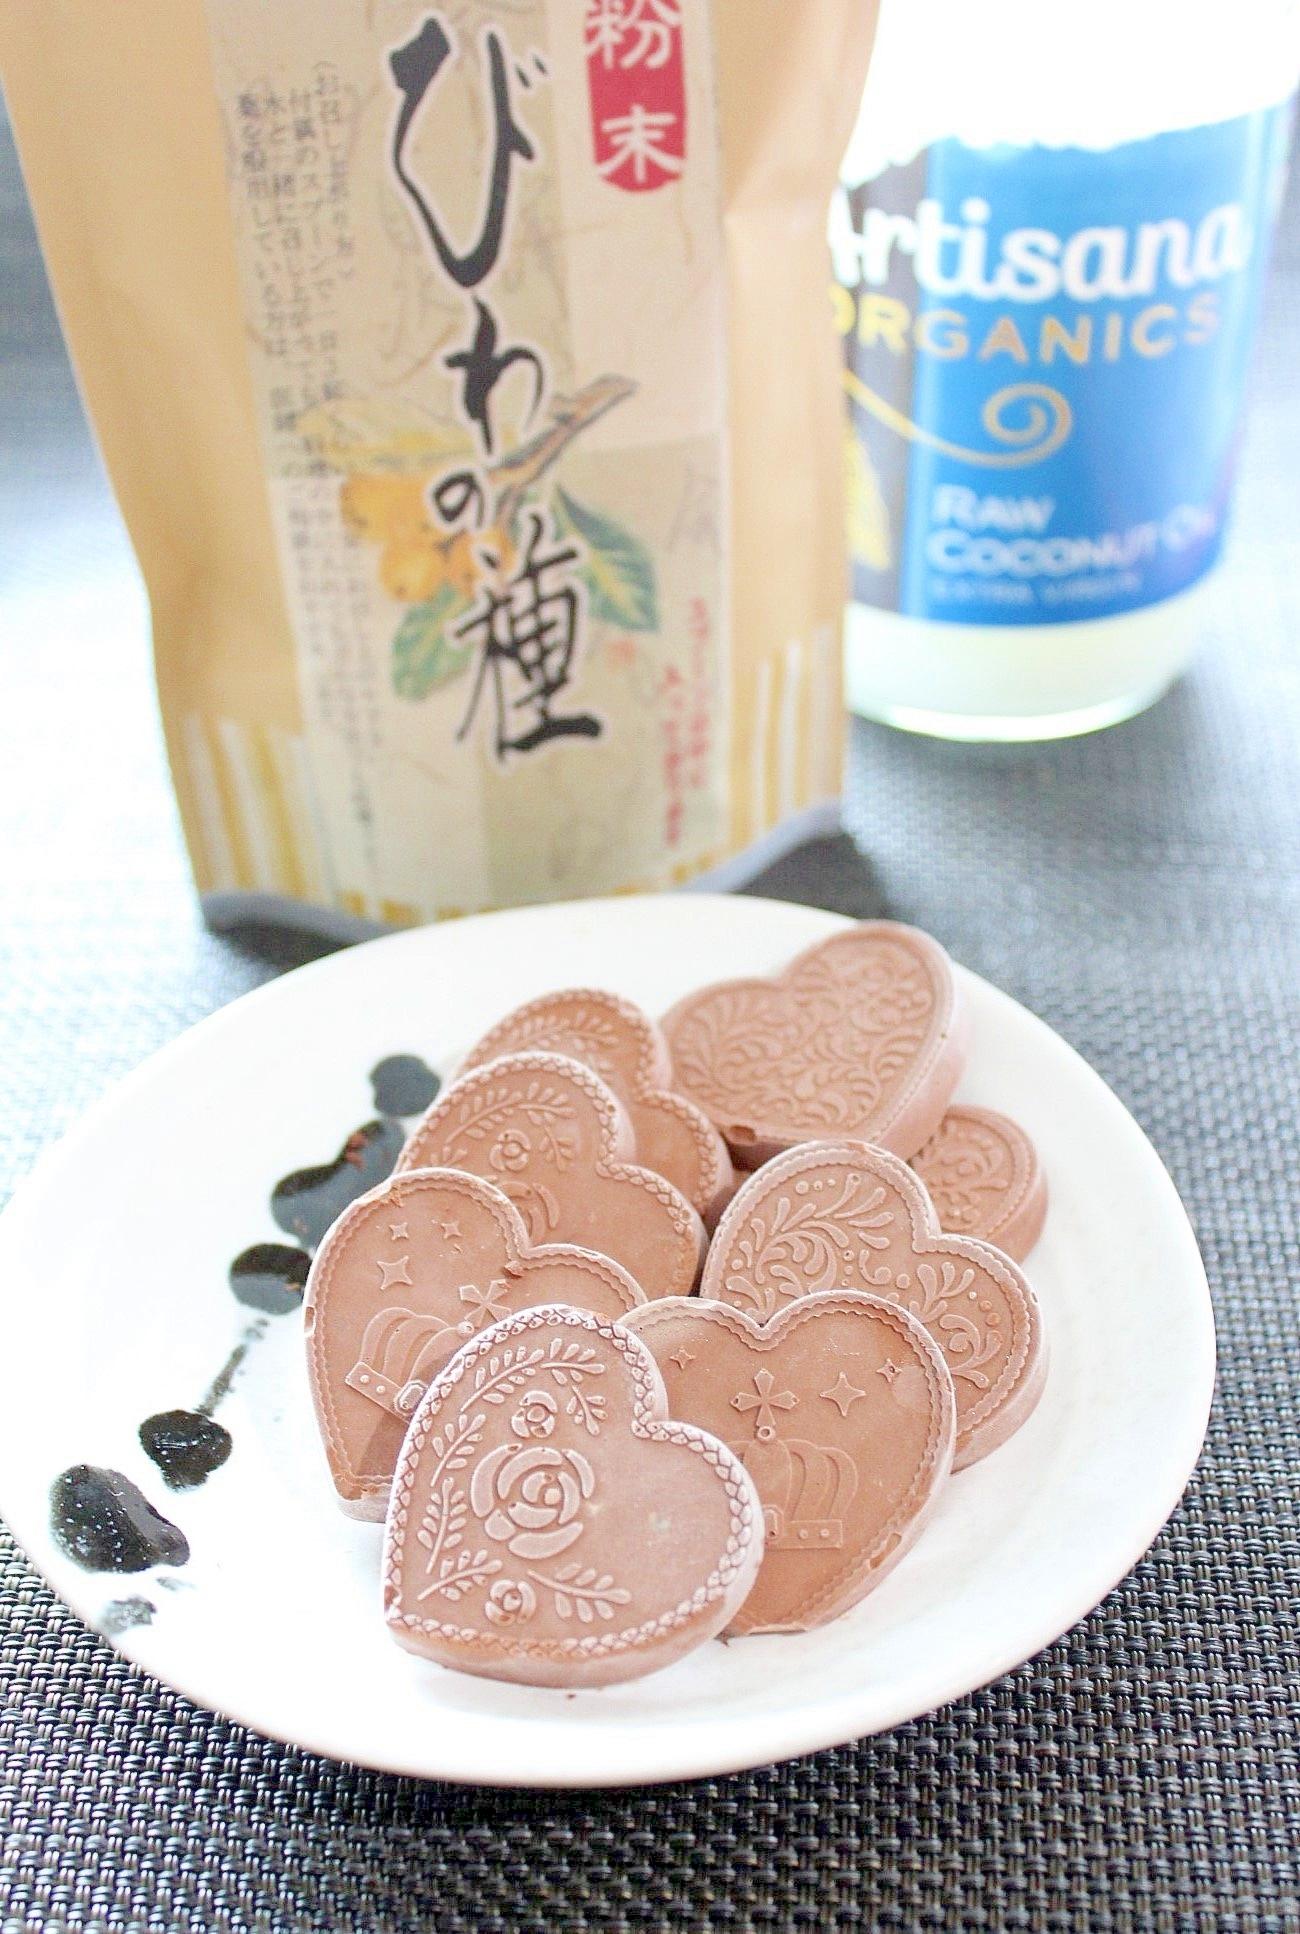 びわの種の粉末&ローカカオピーナッツチョコアイス